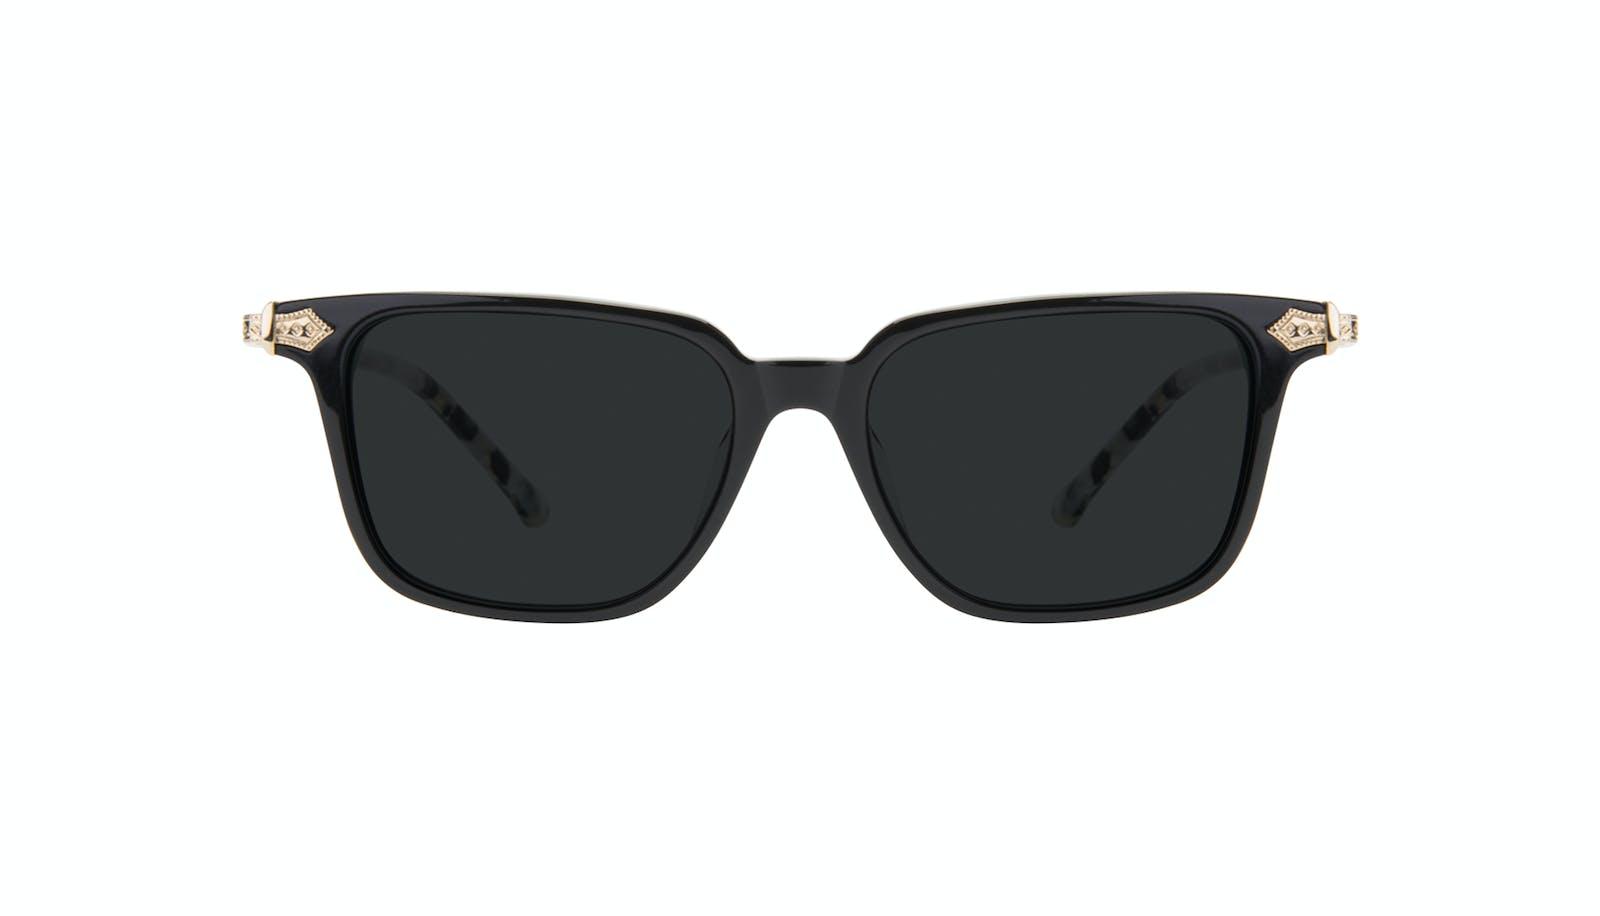 ee4fe22eb2 Women s Sunglasses - Twinkle in Onyx Marble